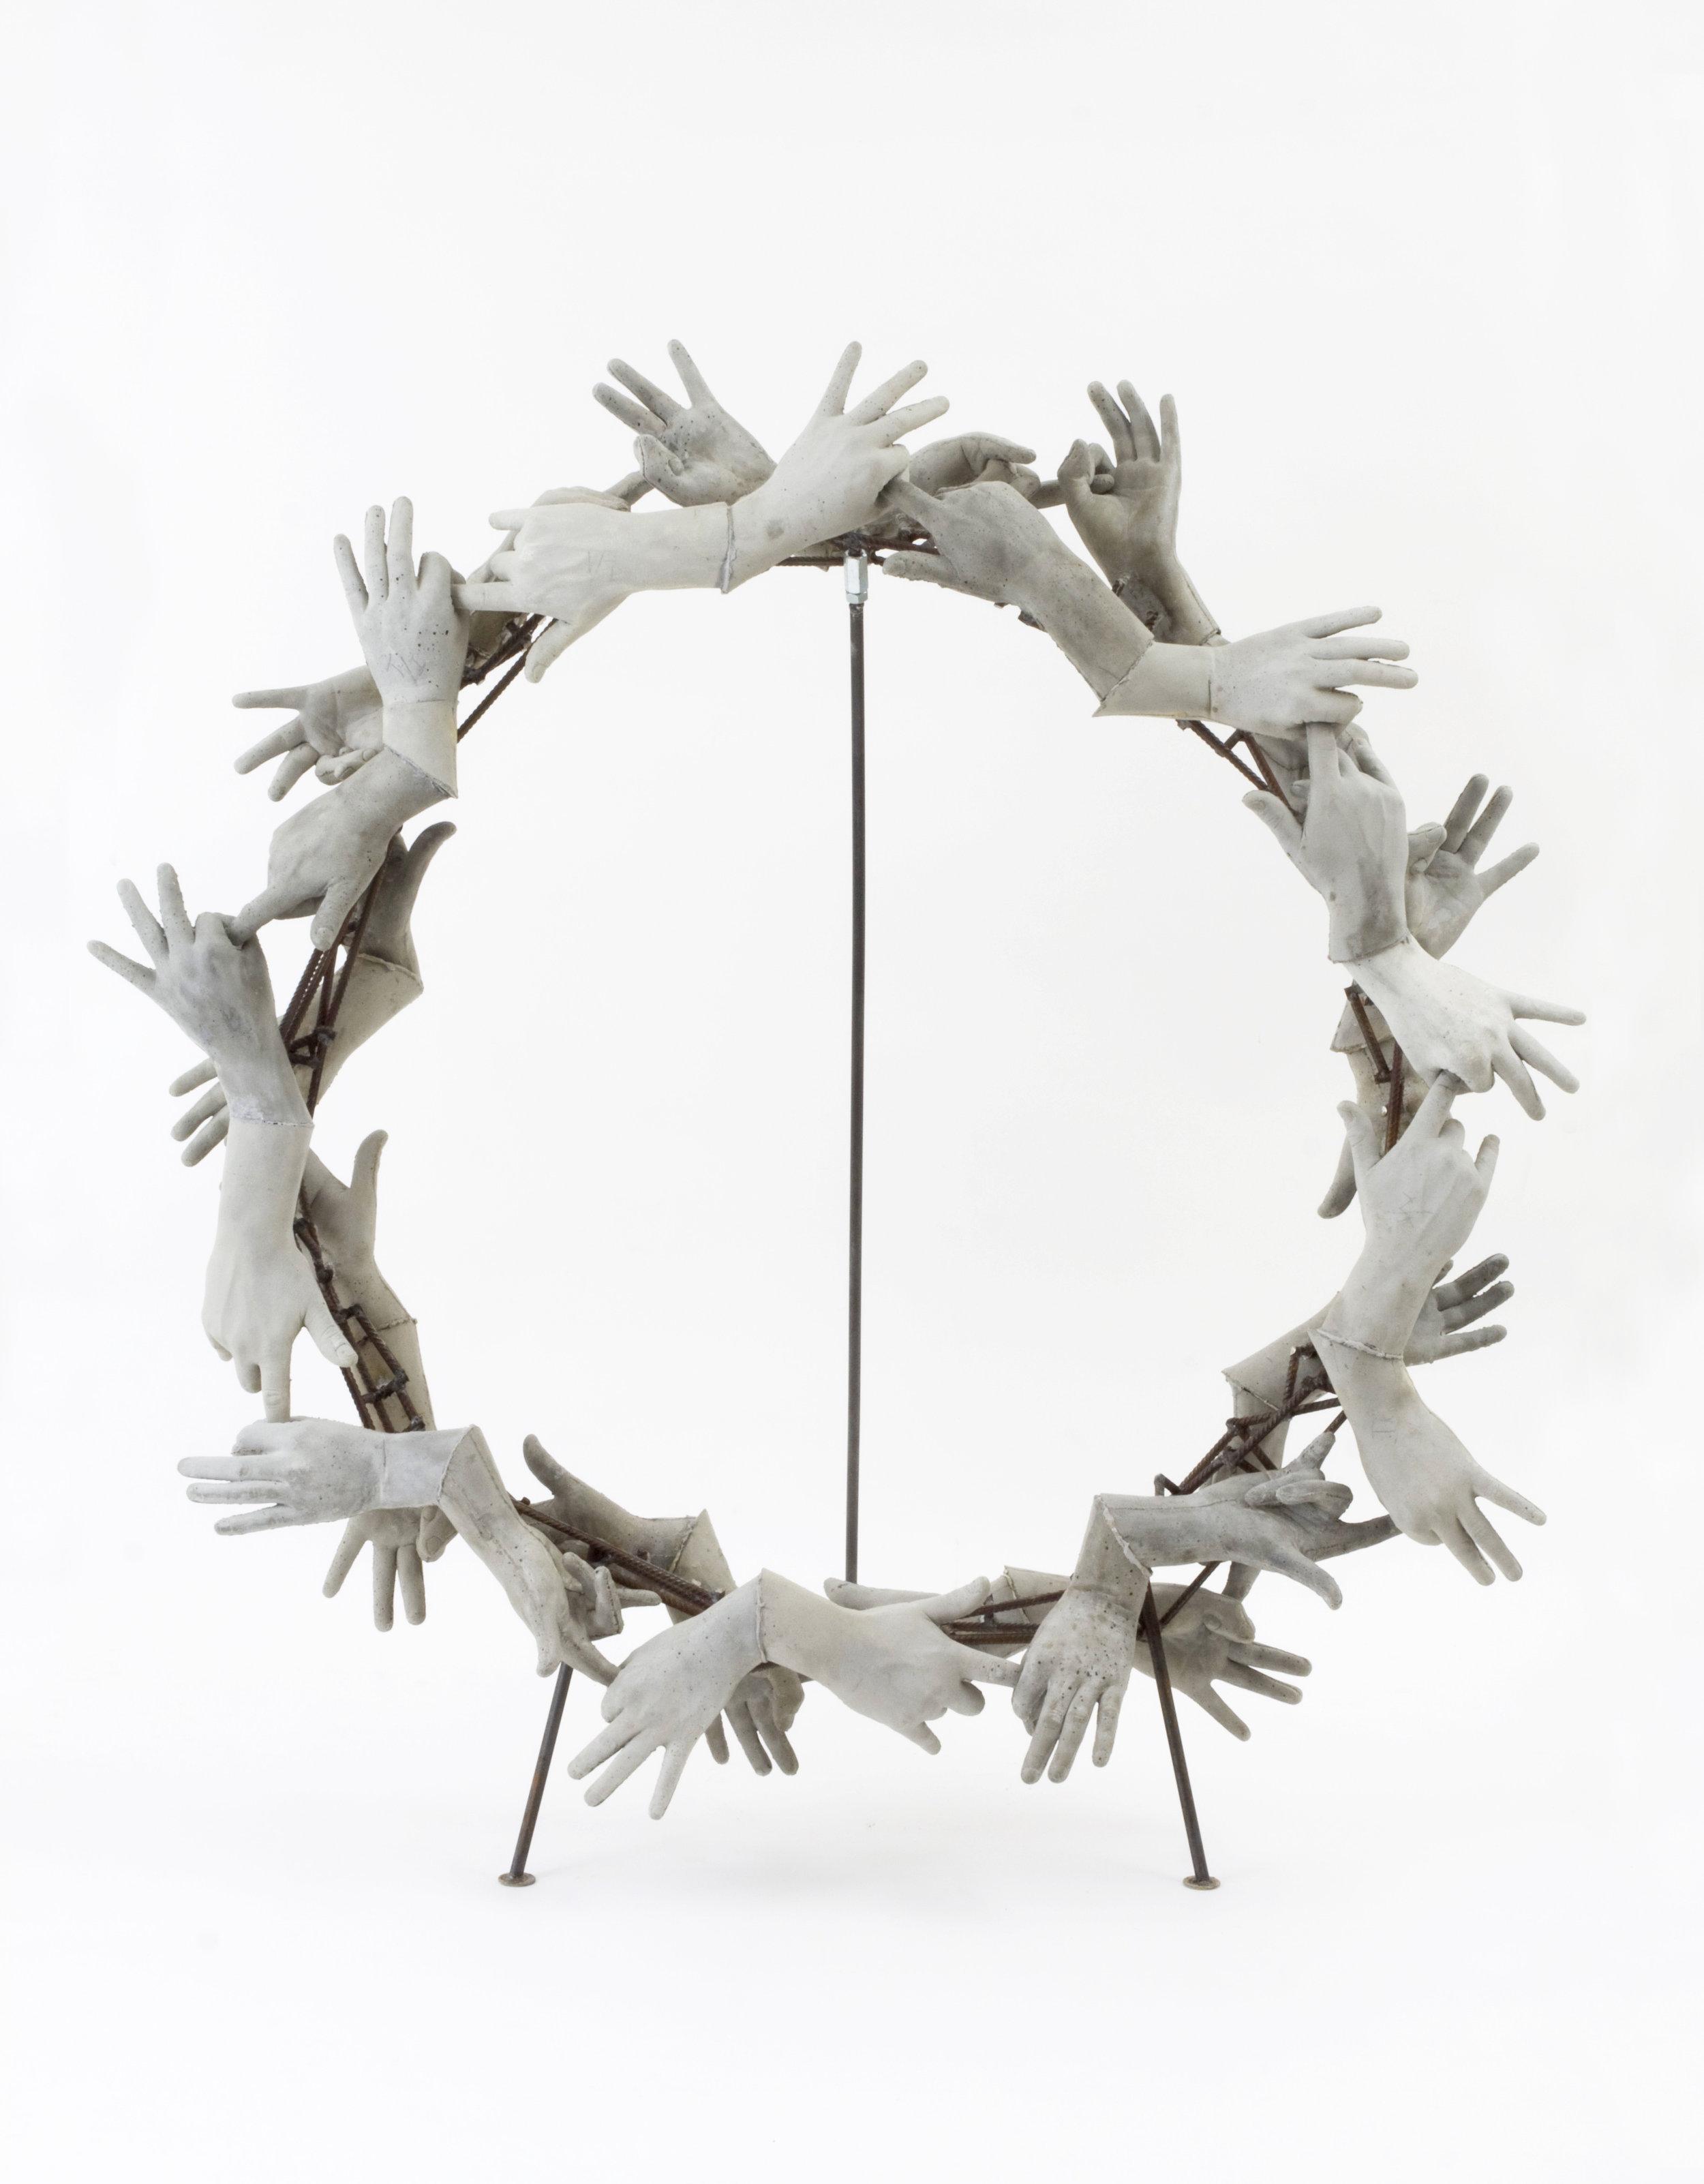 Concrete Wreath 2013, concrete, metal, 140 x 140 x 100 cm